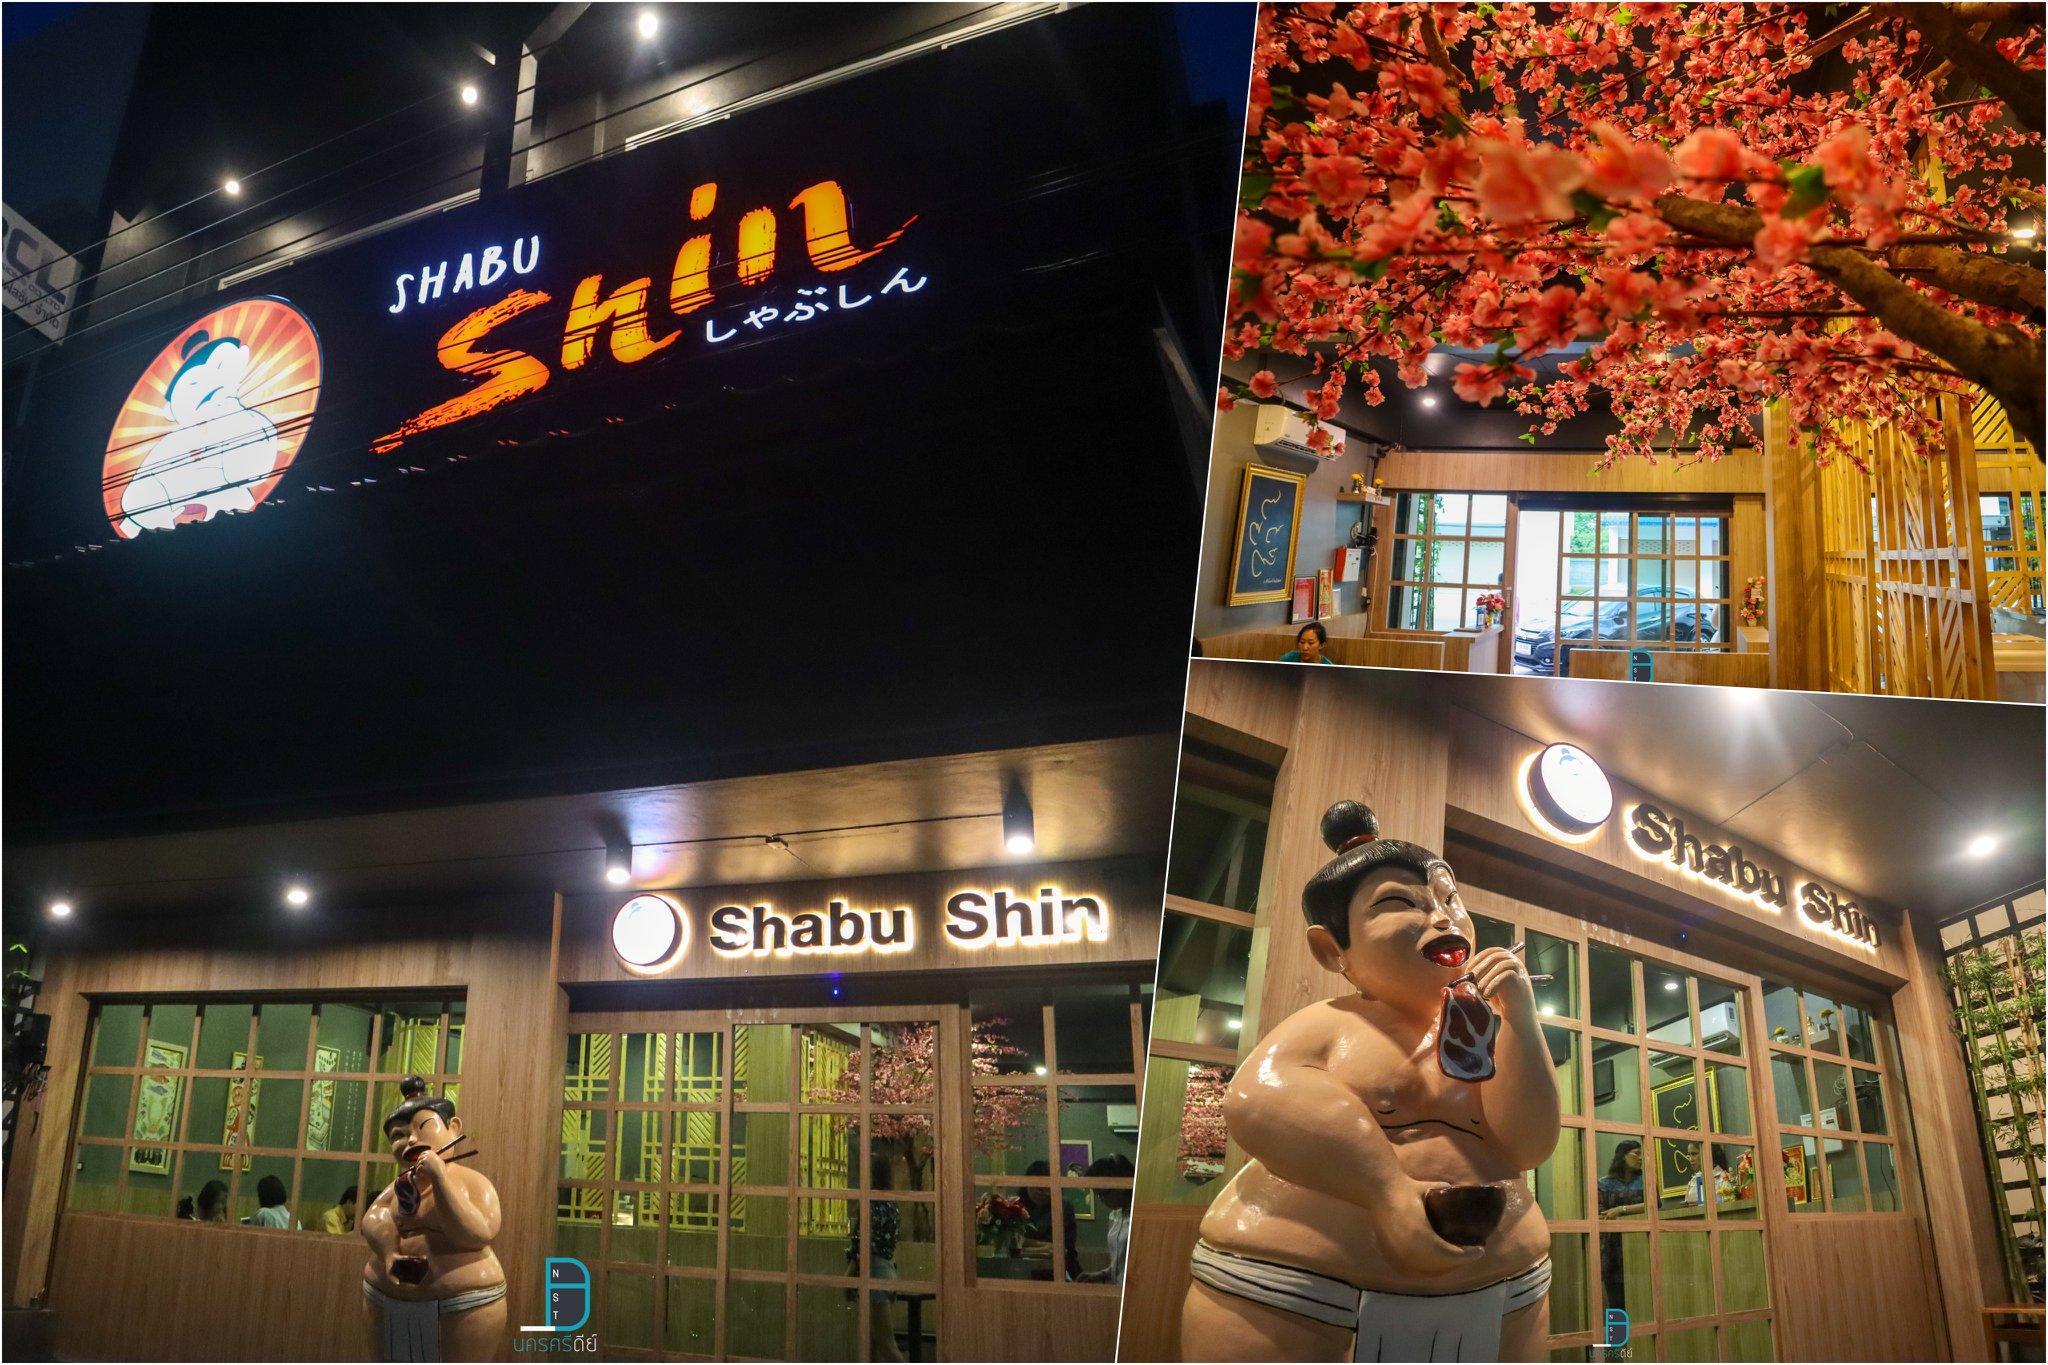 11.-ร้าน-Shabu-Shin-แสงสีสวยร้านสวยเช่นกันครับ-ชาบูเด็ดๆร้อนๆฟินๆ-รีวิวตัวเต็ม-รายละเอียด-คลิก  แหล่งท่องเที่ยว,นครศรี,จุดเช็คอิน,จุดถ่ายรูป,คาเฟ่,ของกิน,จุดกิน